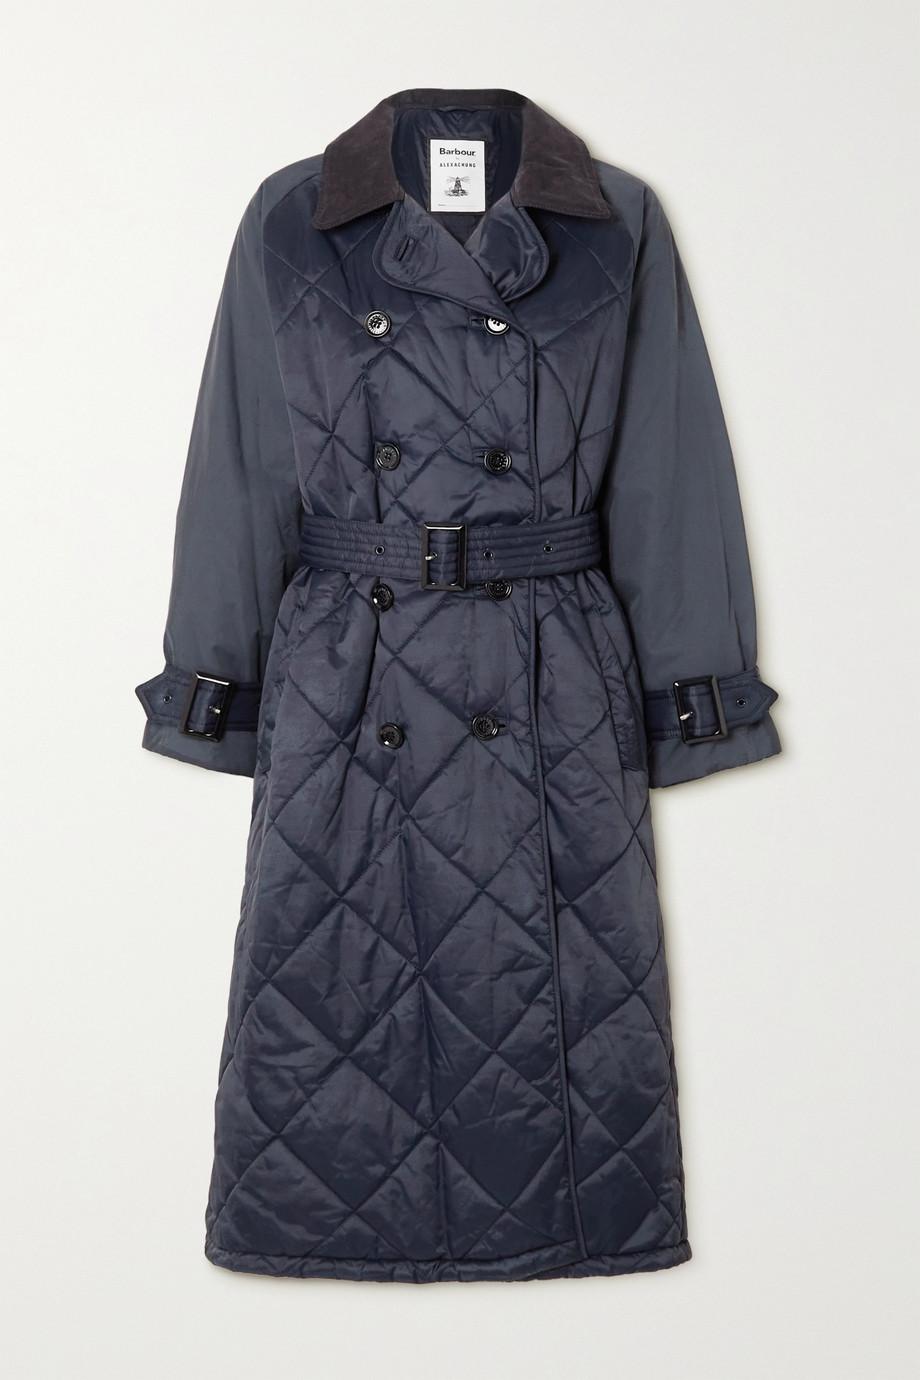 Barbour Trench-coat en tissu technique matelassé à finitions en velours côtelé Deia x ALEXACHUNG